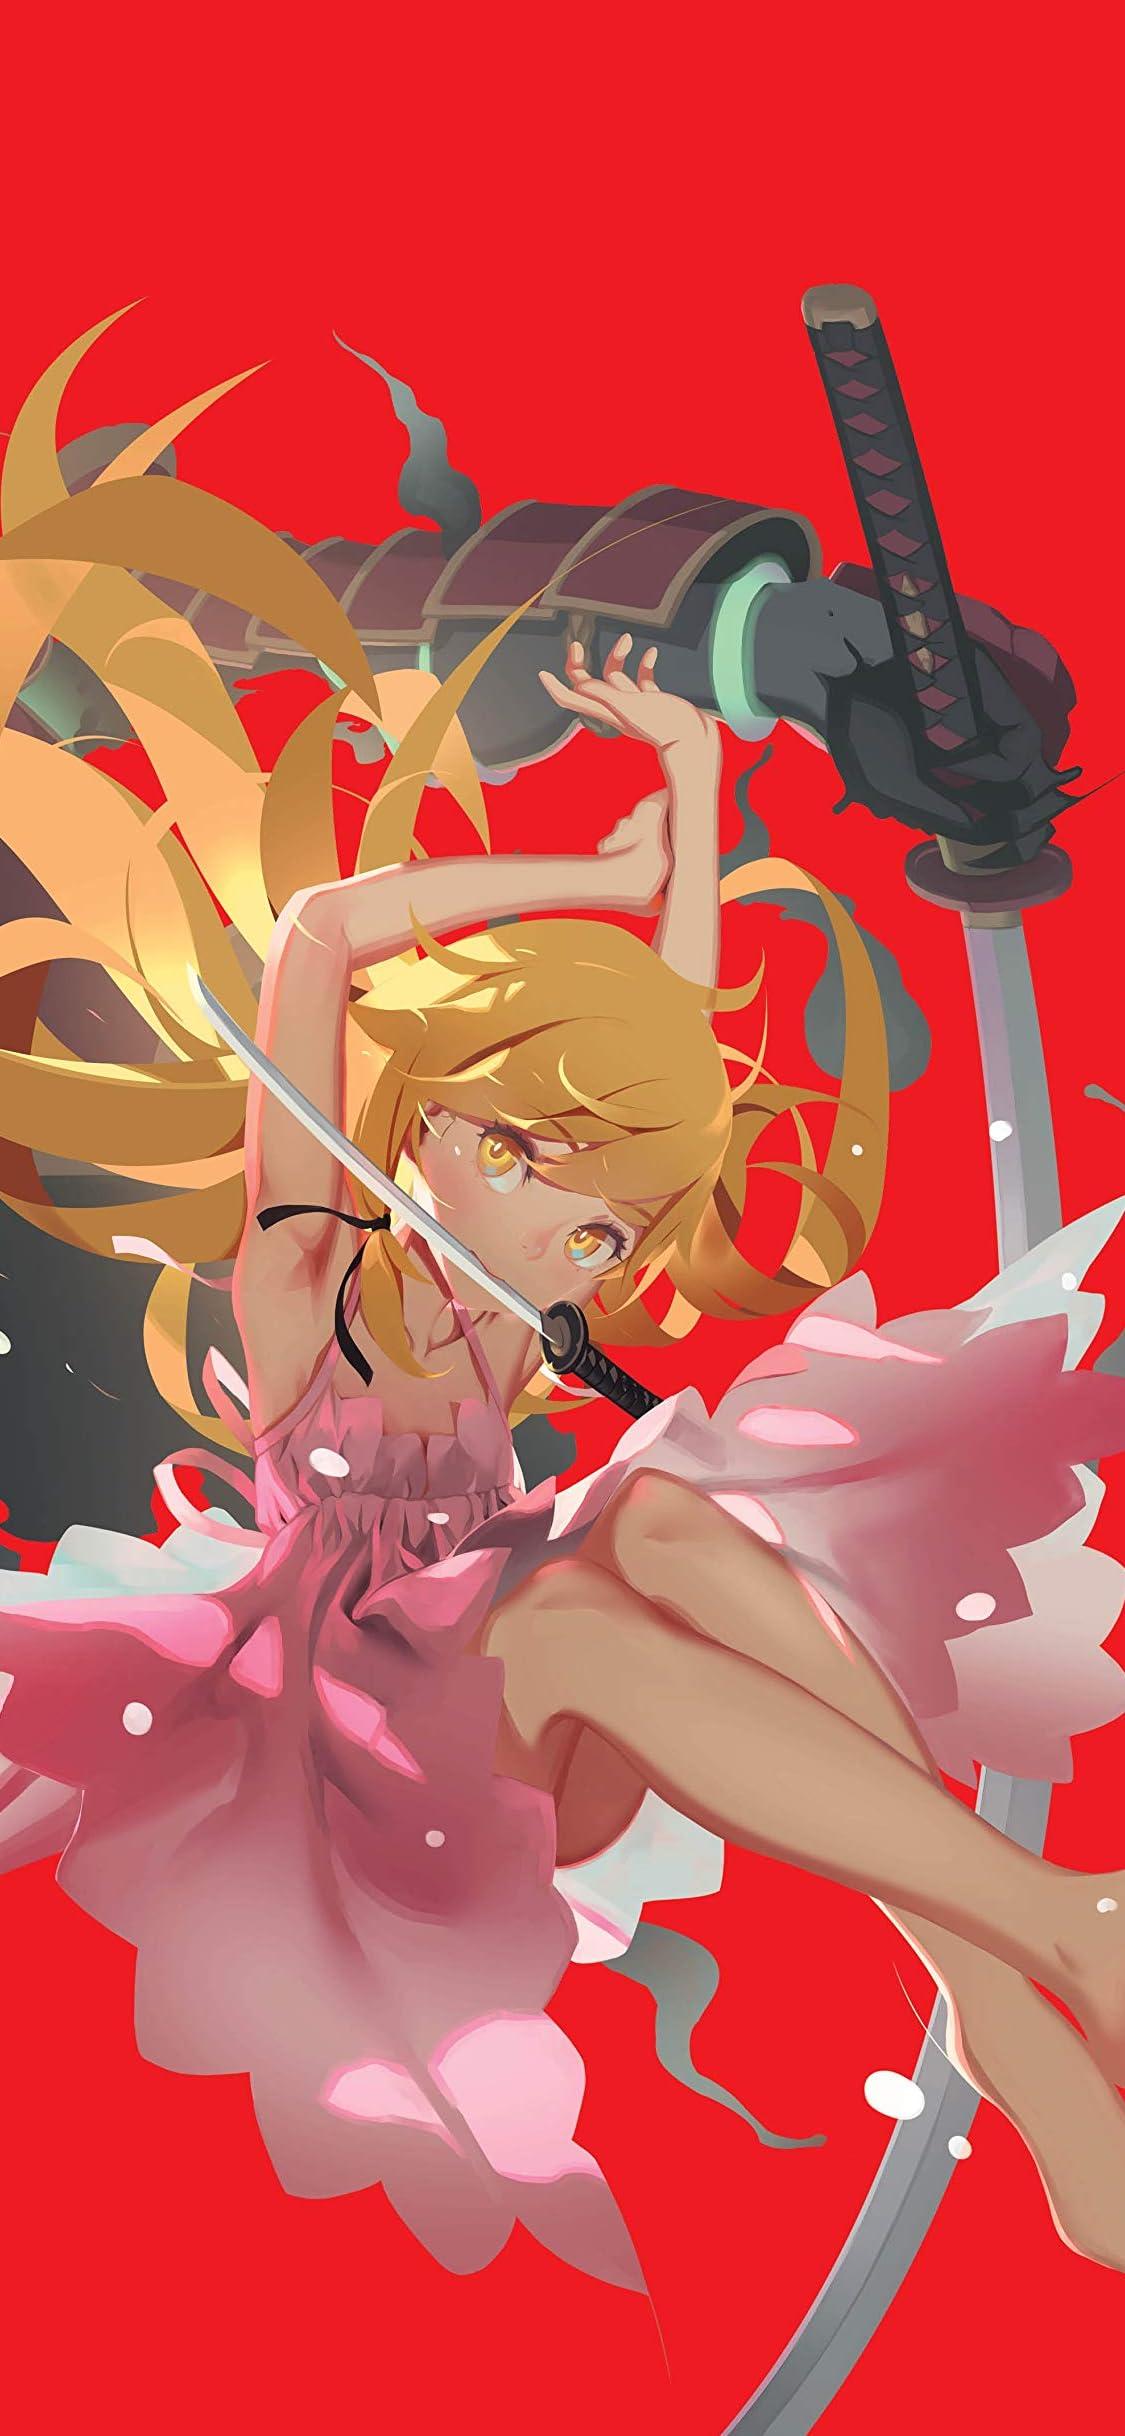 化物語 Iphone X 壁紙 1125x2436 忍野忍 おしのしのぶ アニメ スマホ用画像